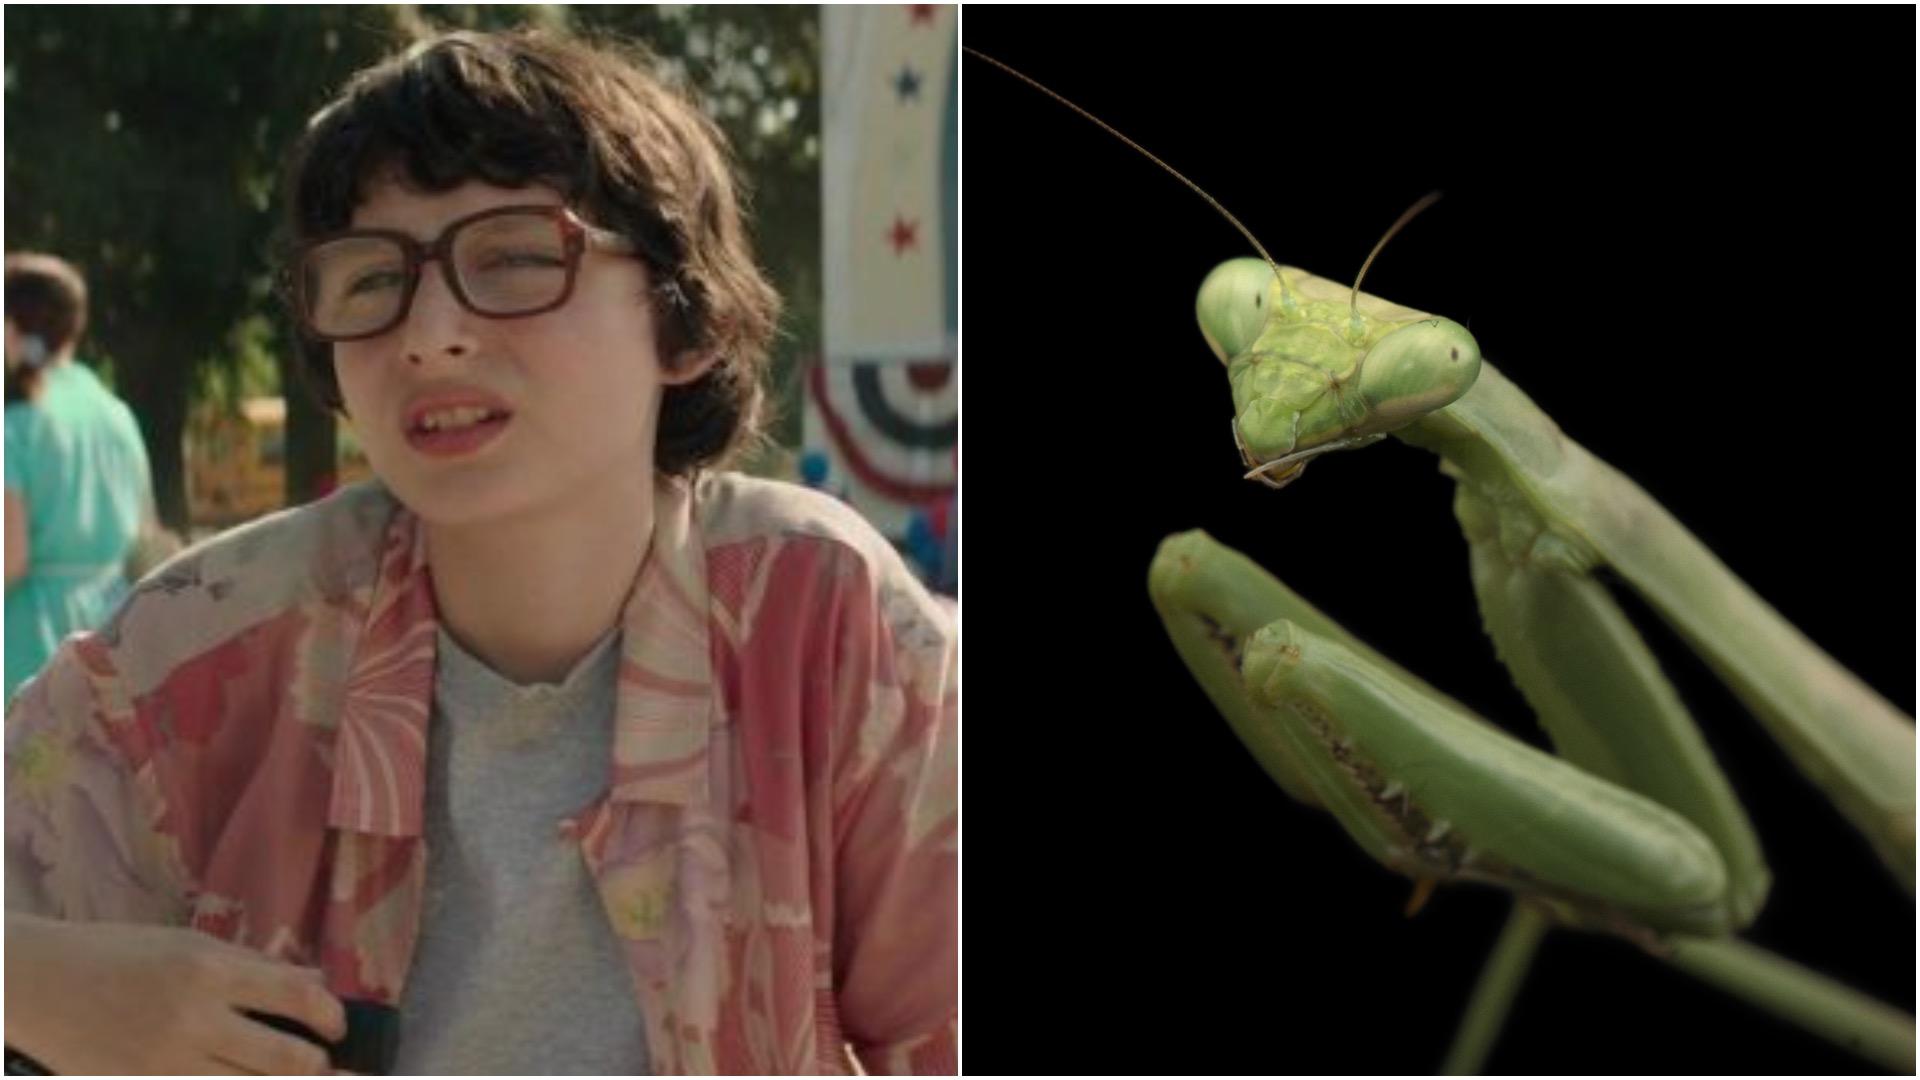 Stranger Mantises.jpg